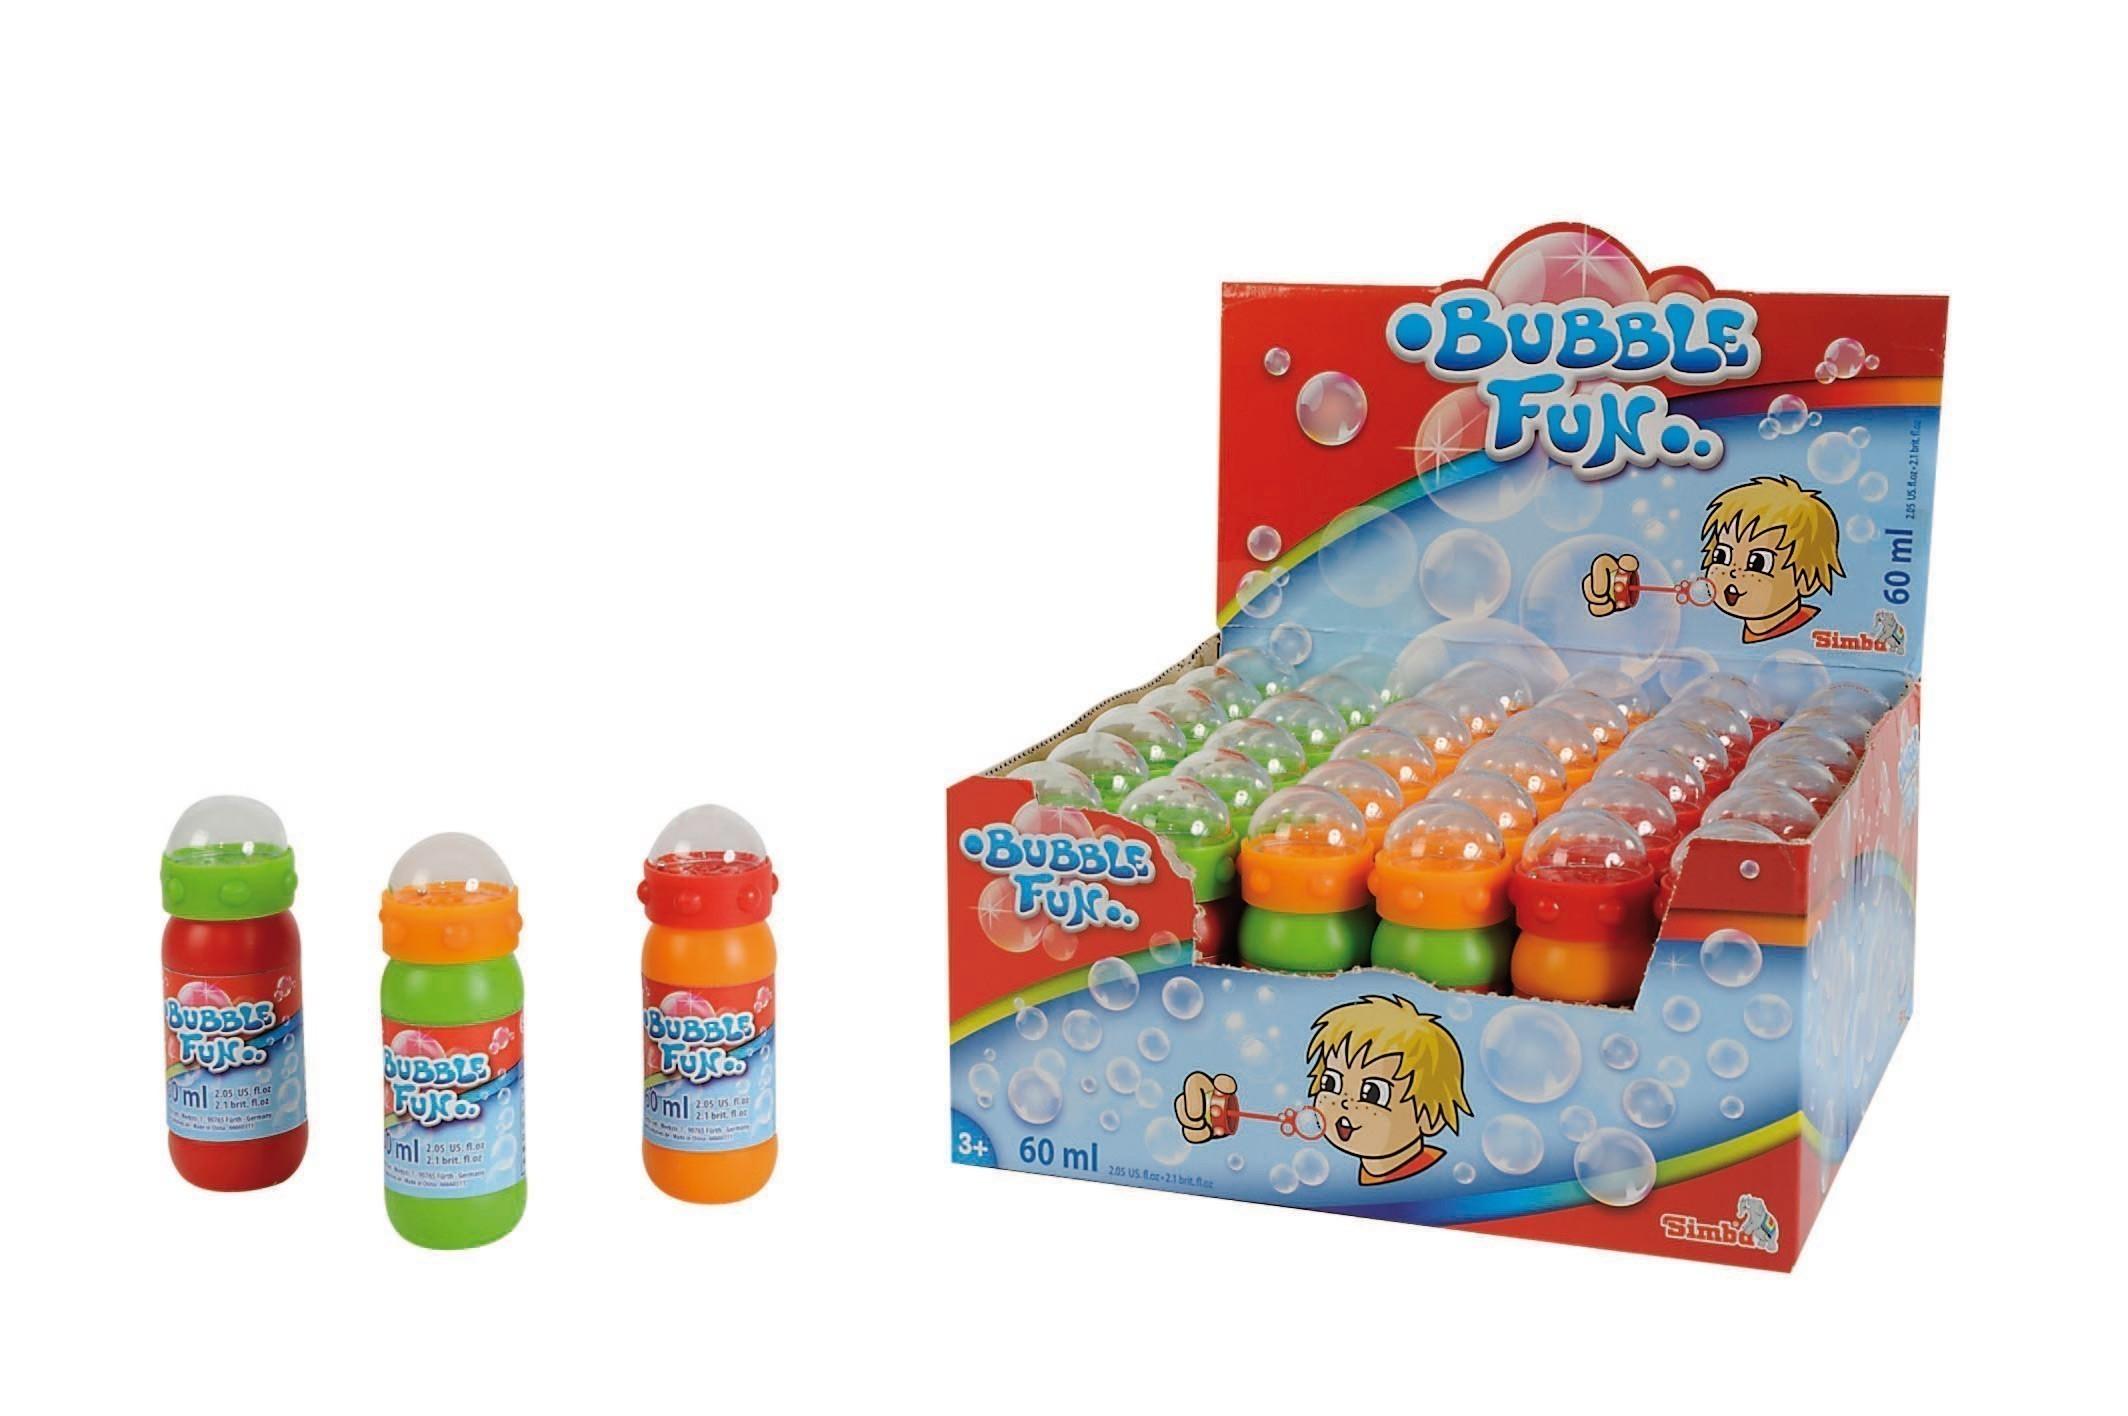 Bubble Fun Seifenblasen 60ml Simba Bild 2